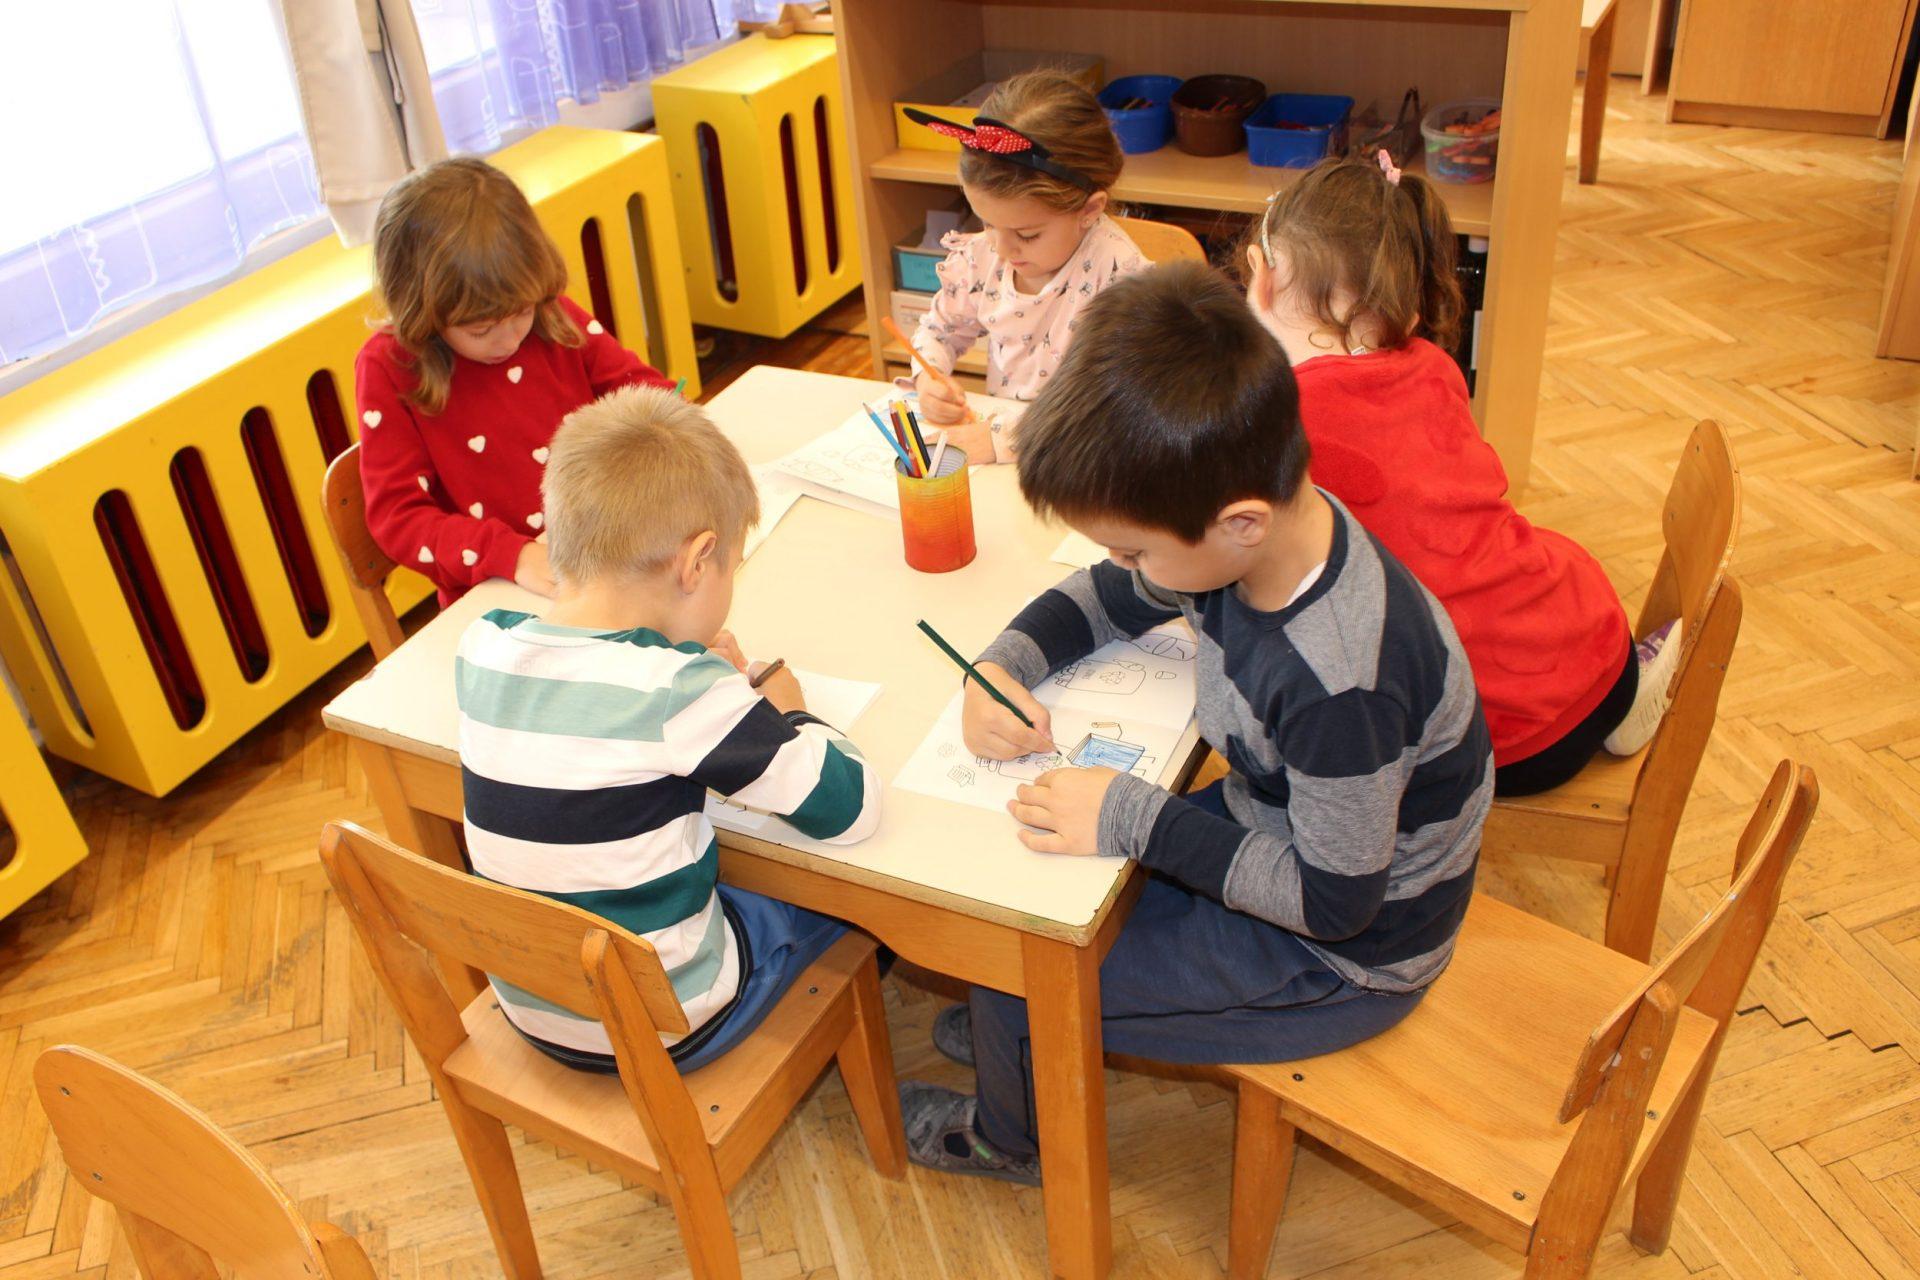 Vrbovečki mališani kroz igru uče o očuvanju okoliša